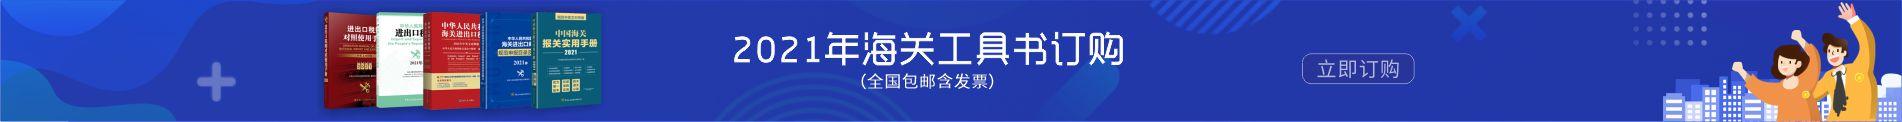 2021年海关工具书订购